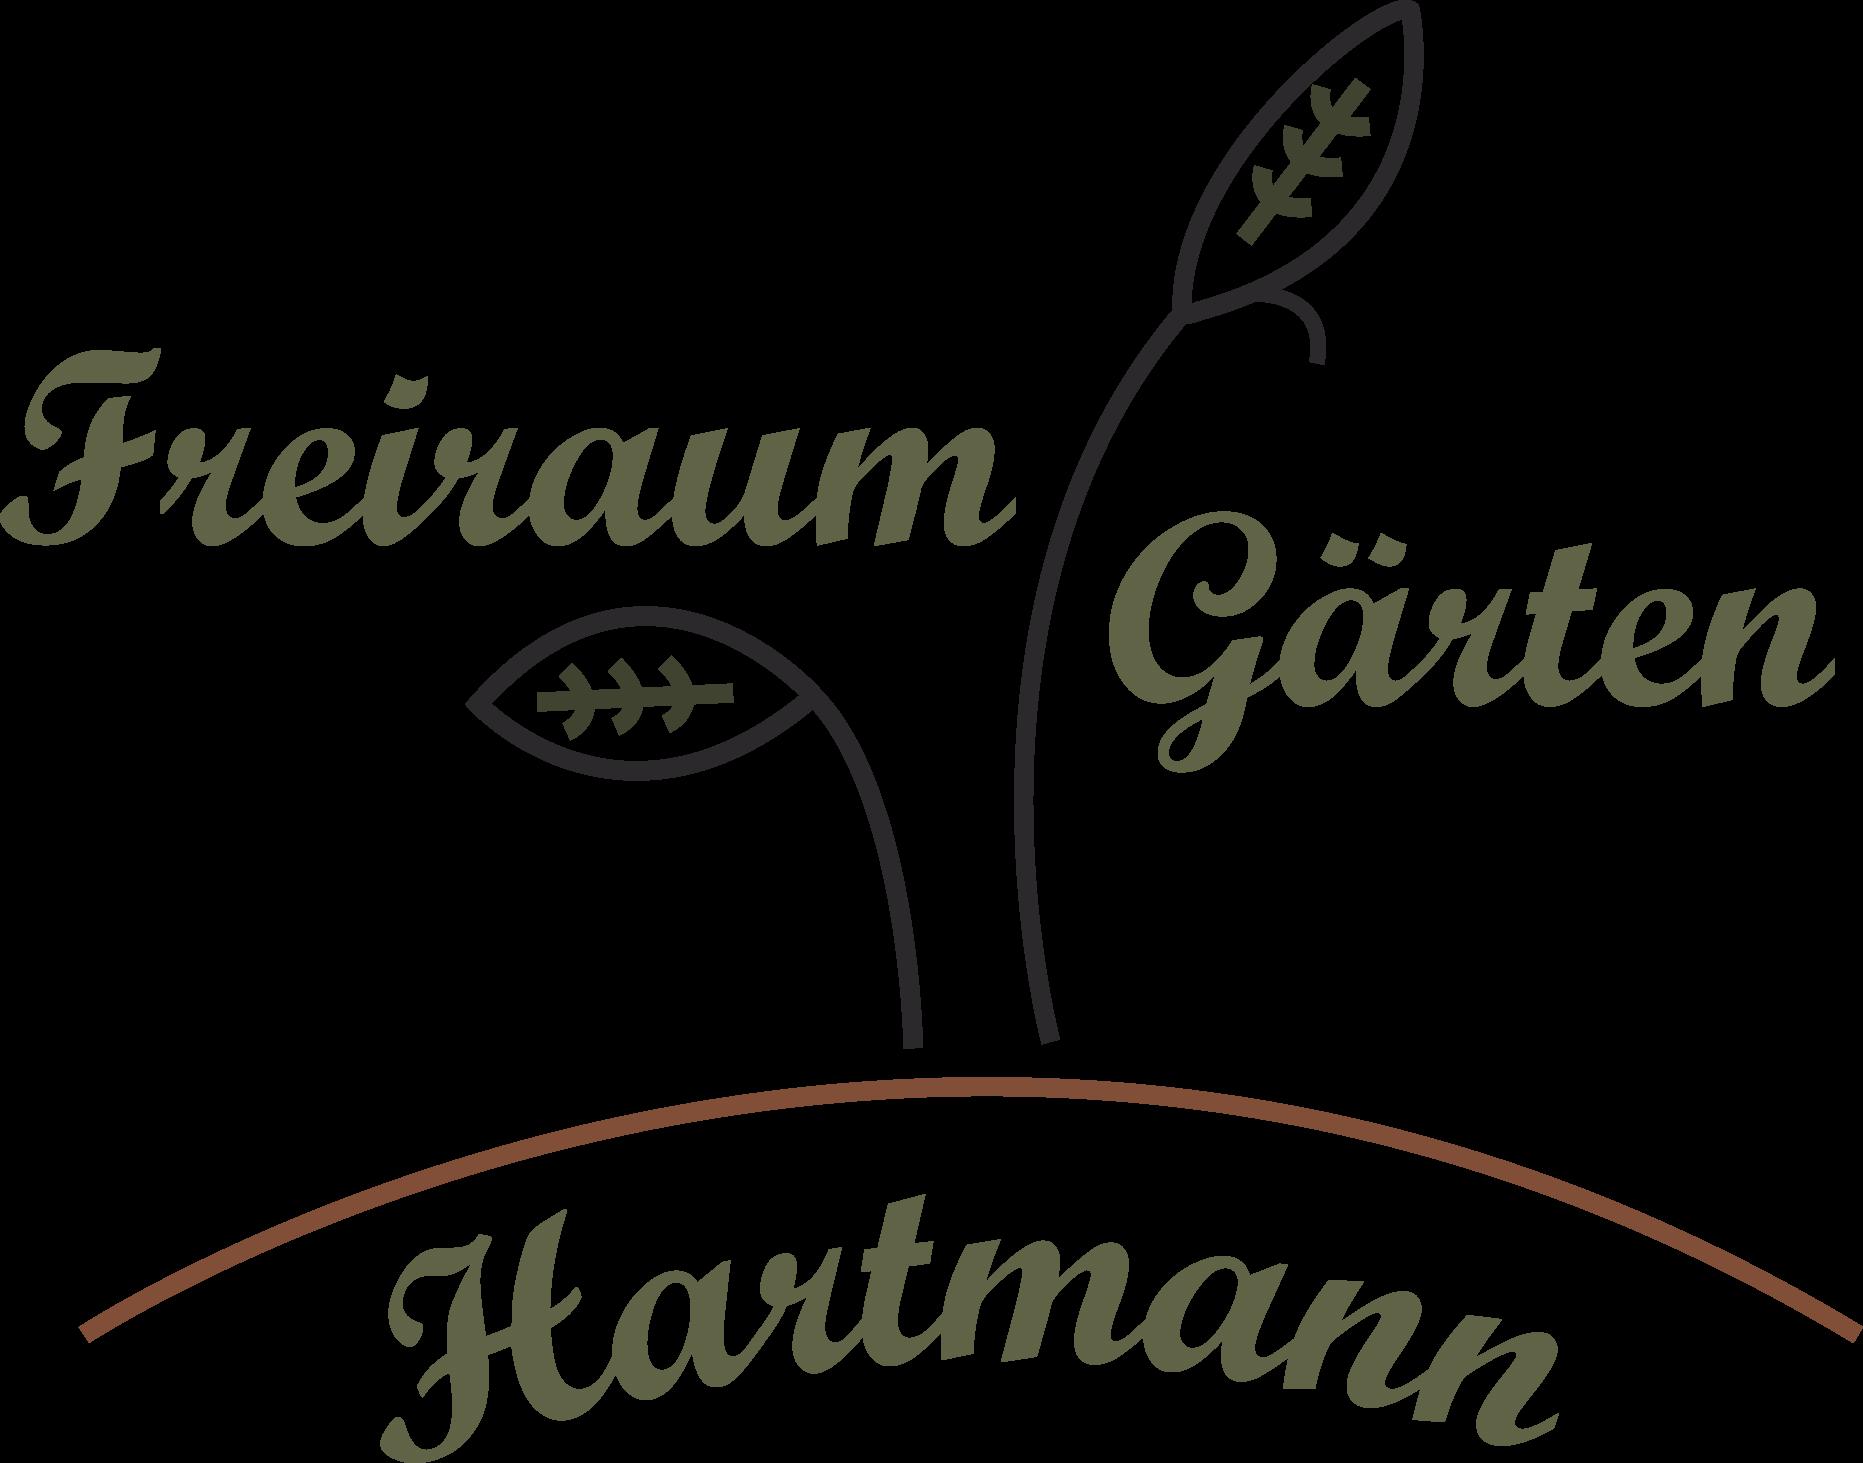 Freiraum Gärten Hartmann